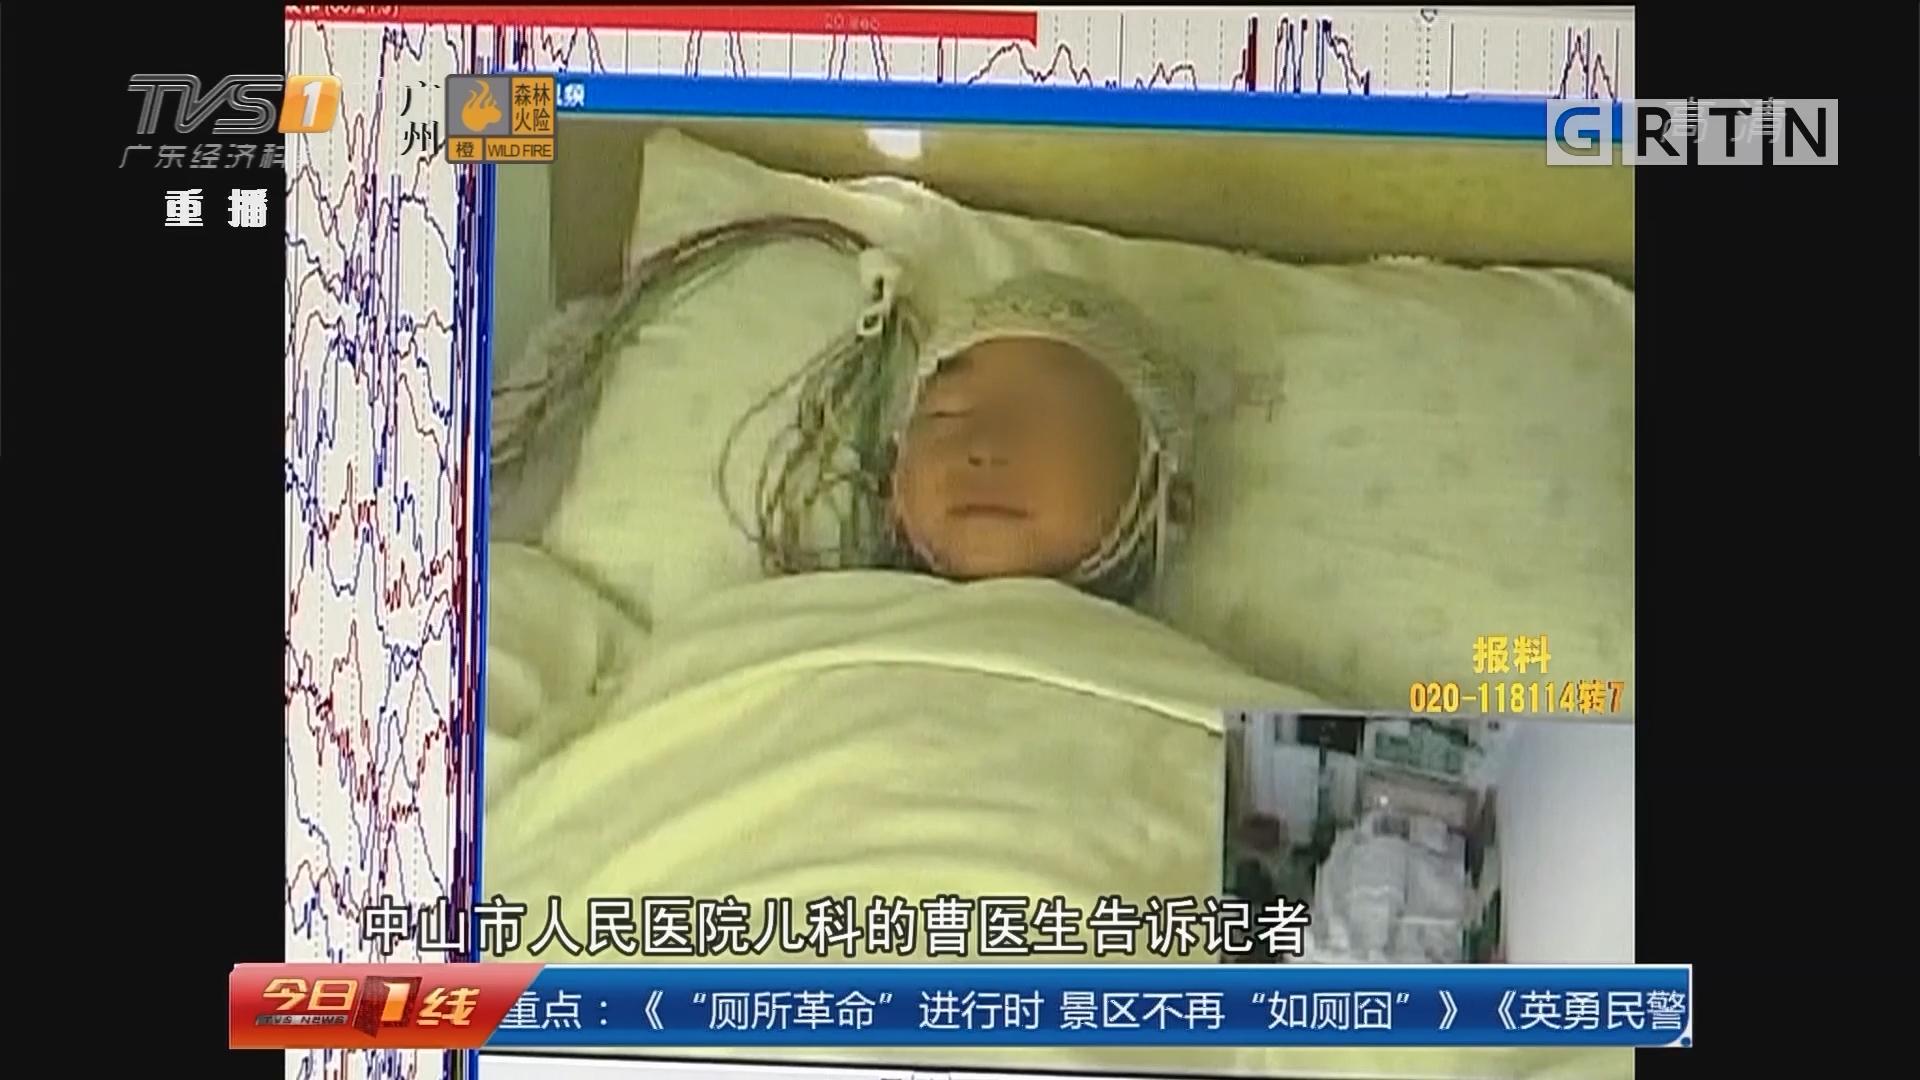 中山:小孩梦里常常发笑 一查竟是病!